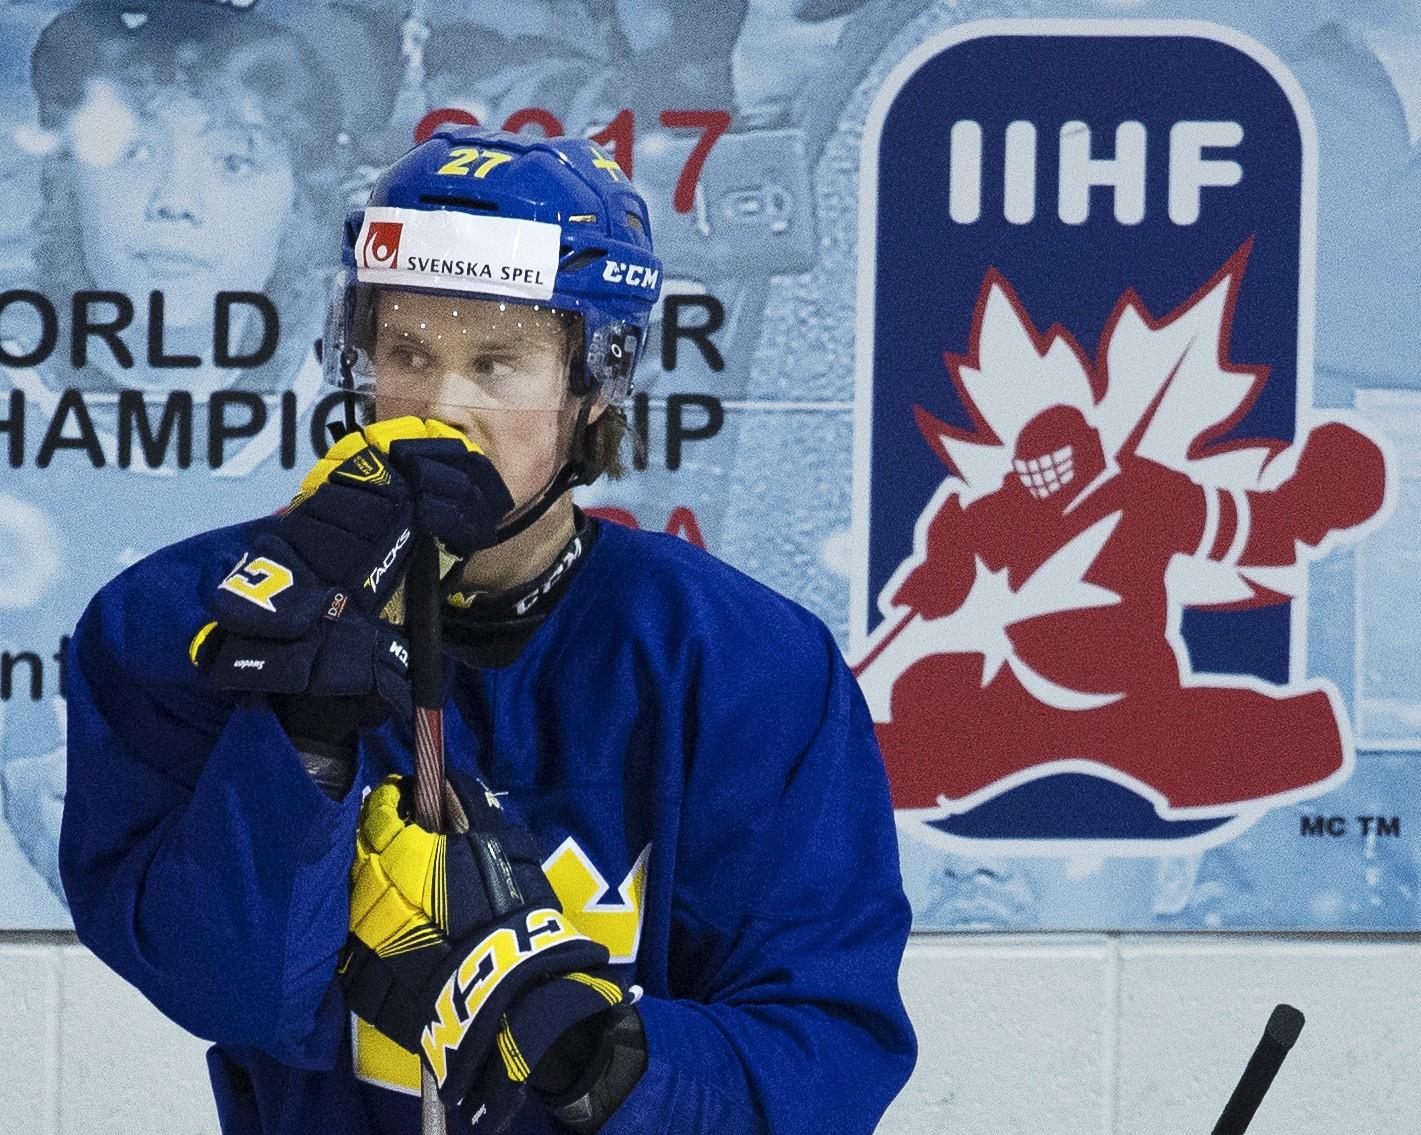 SMÄLLEN: Talangen missar NHL-campen